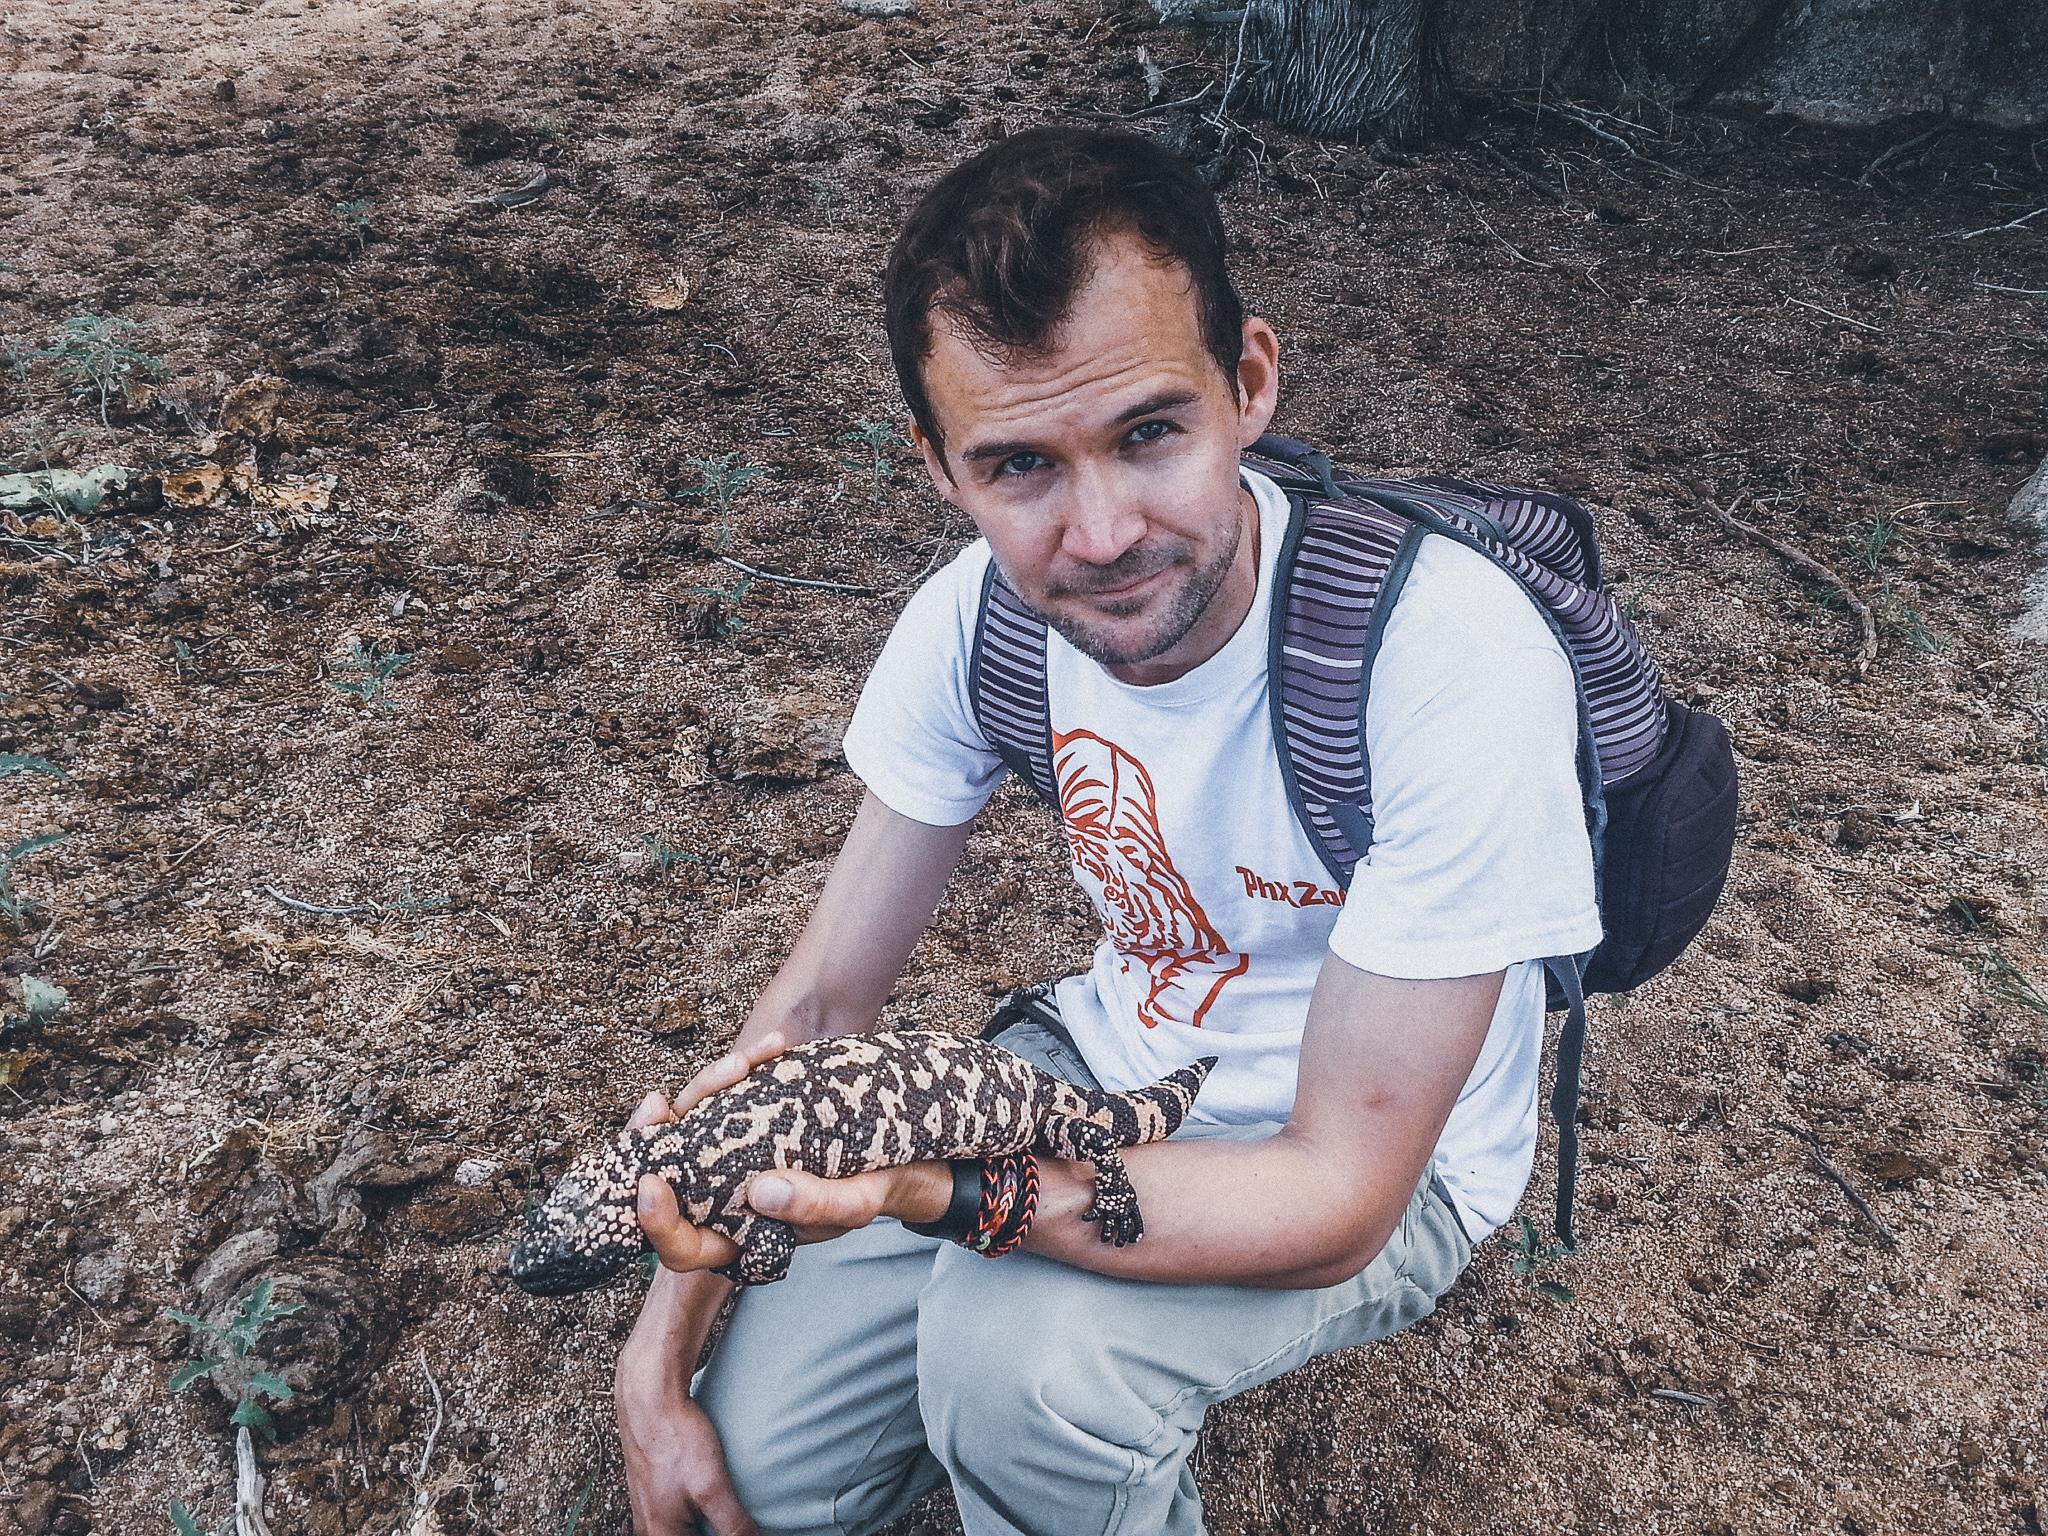 Drew with Lizard-2